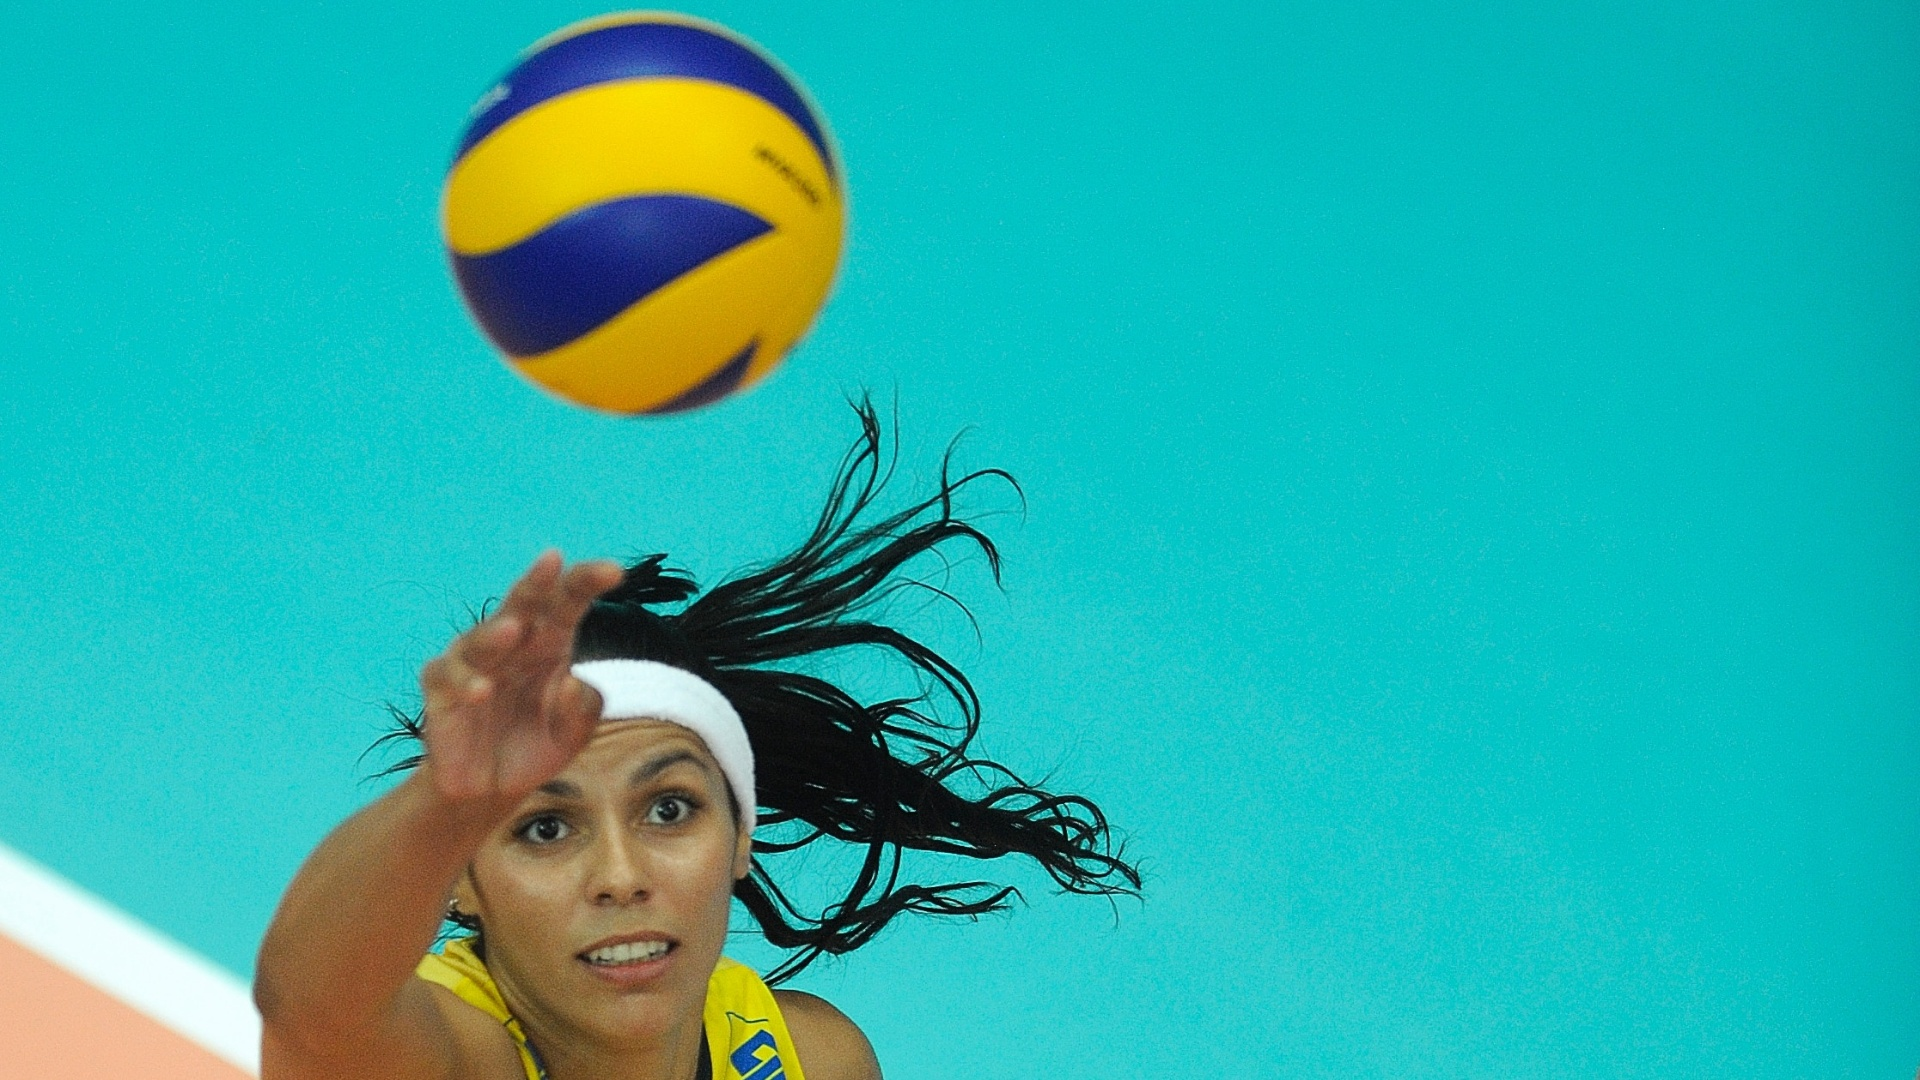 Paula Pequeno salta para tentar o ataque pelo Brasil contra a Turquia